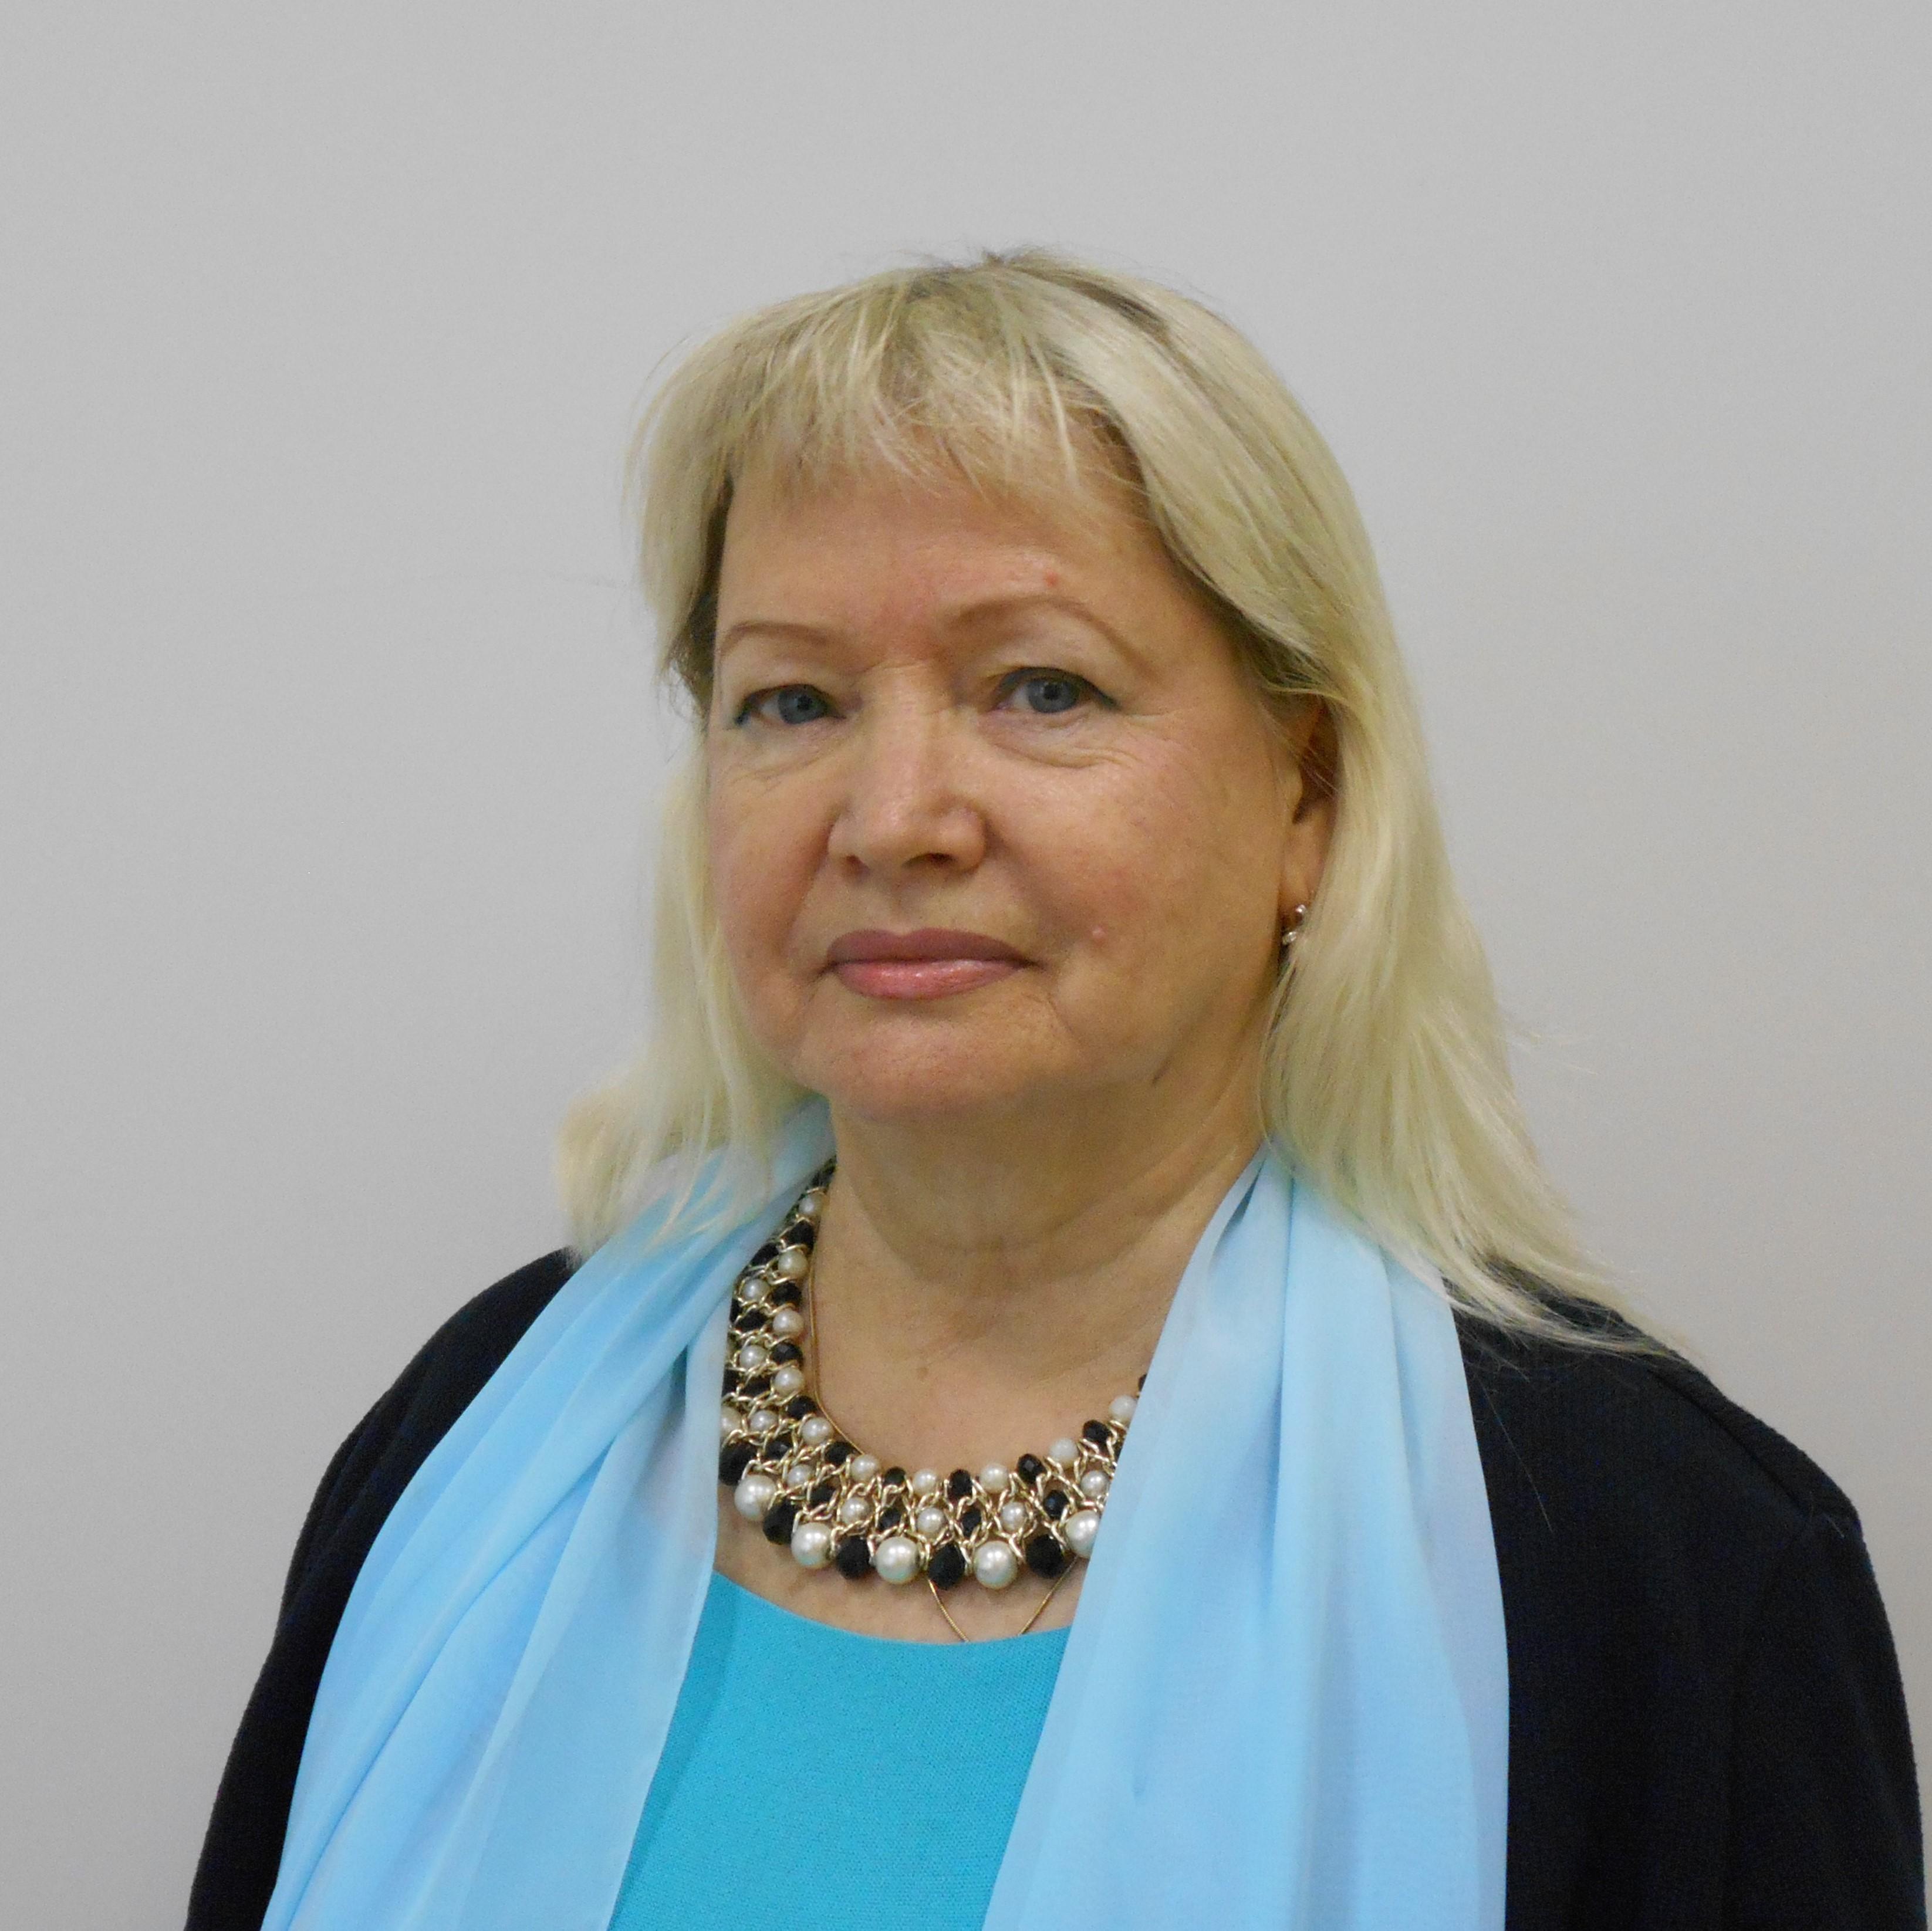 Богуславская Татьяна Николаевна